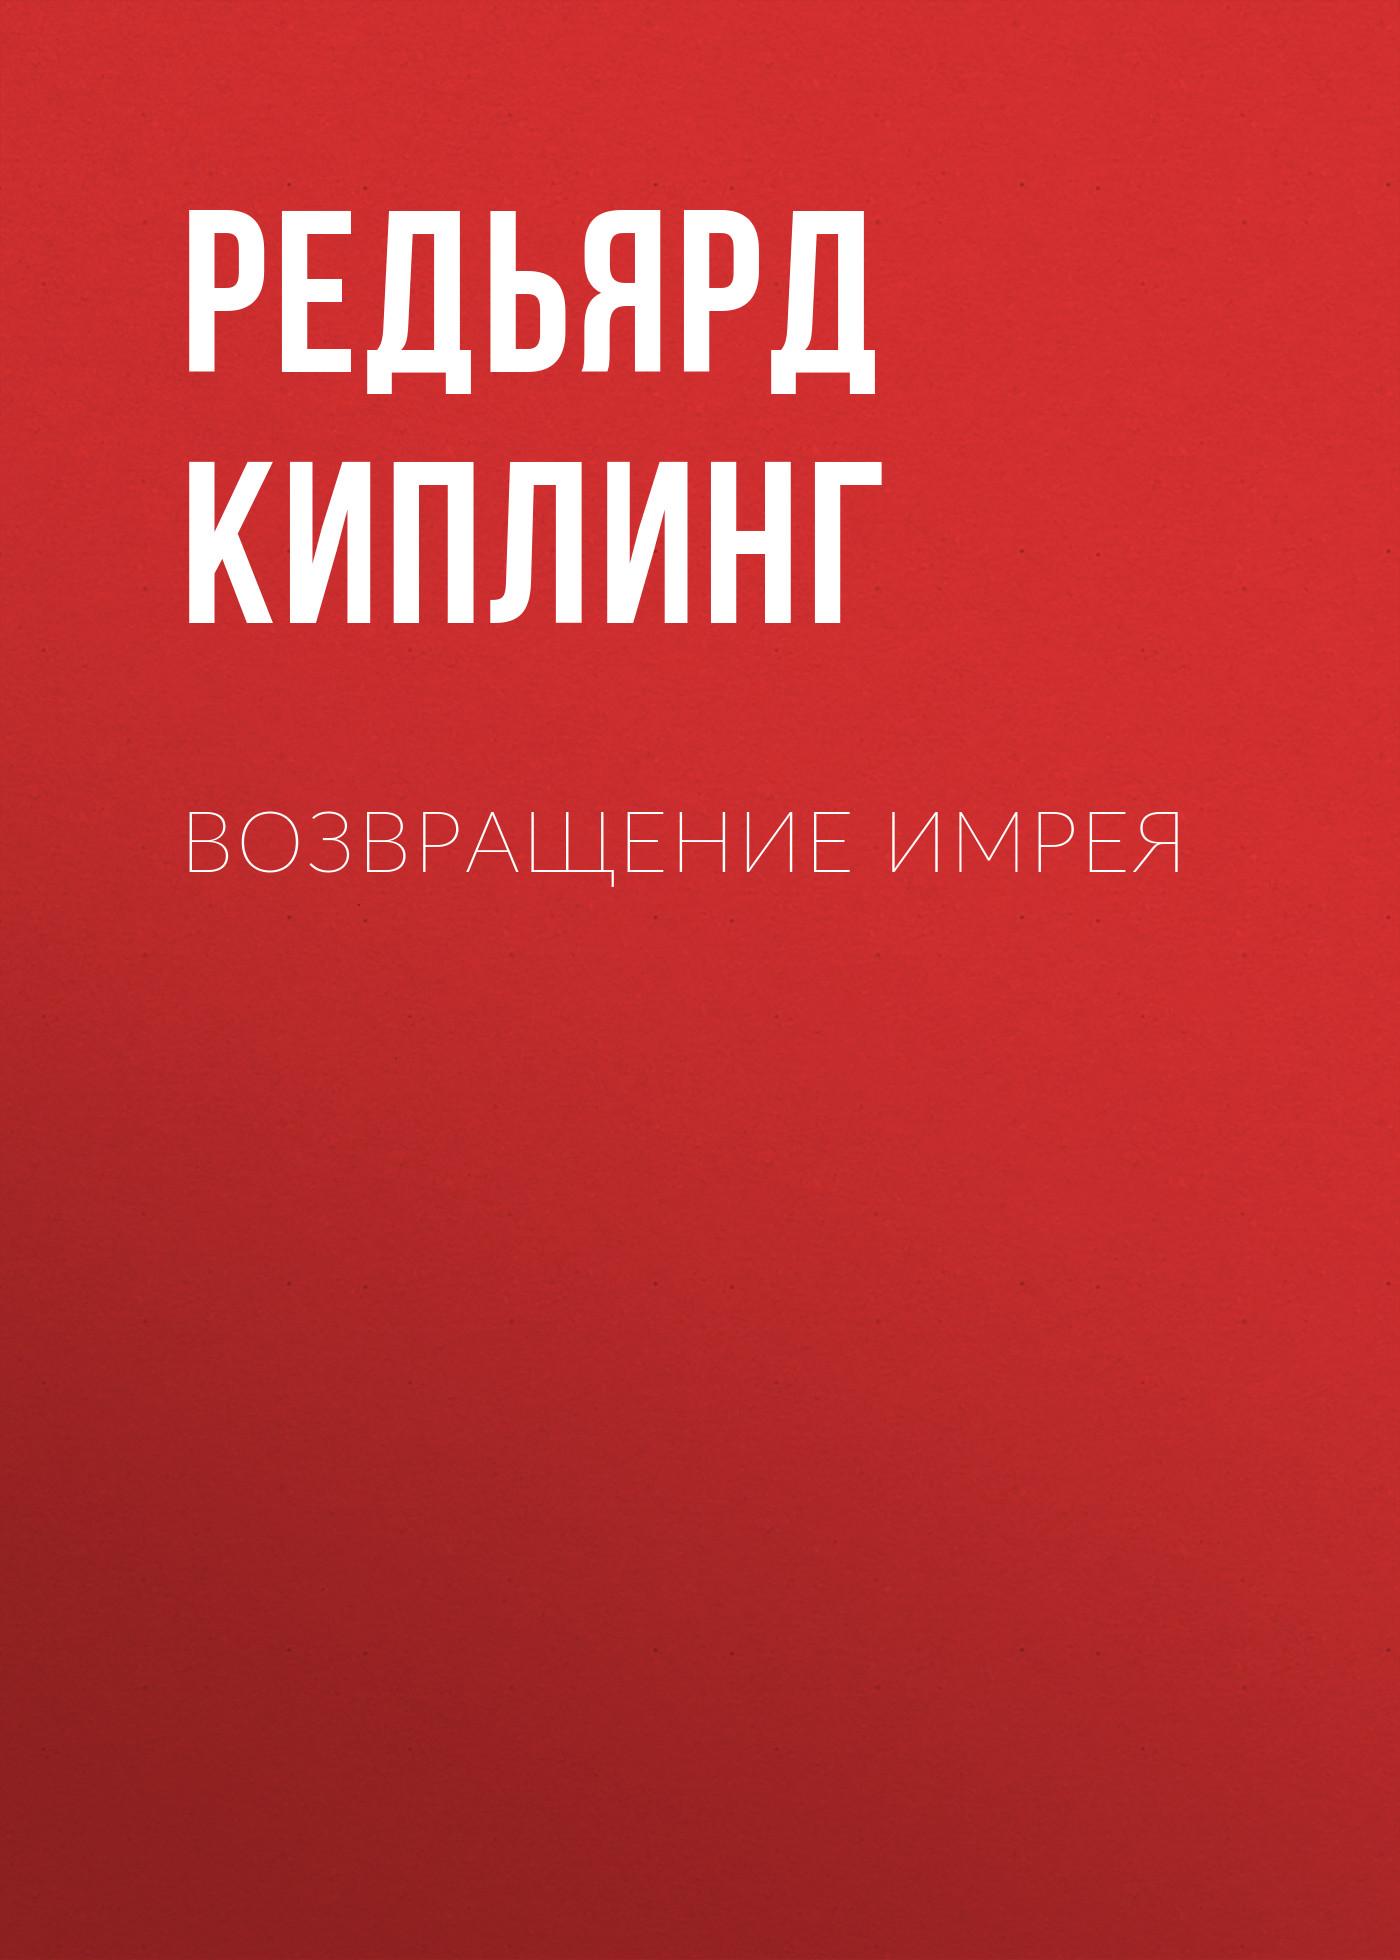 Купить книгу Возвращение Имрея, автора Редьярда Киплинг